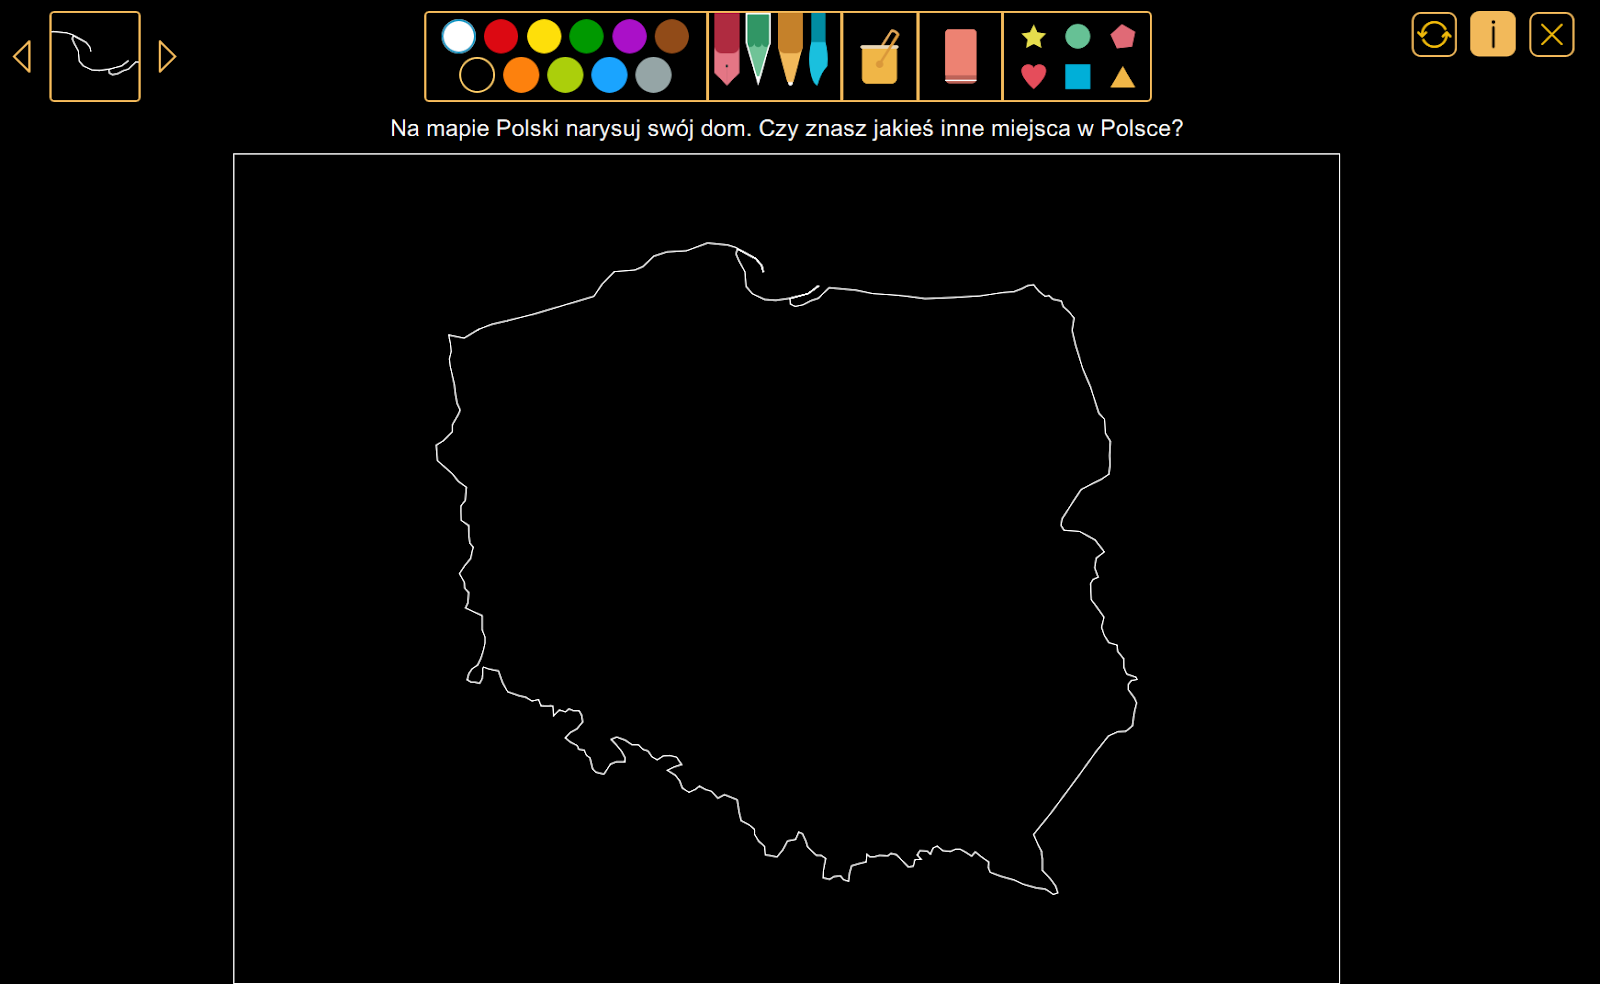 Wyobraź sobie - Na mapie Polski narysuj swój dom, z pakietu W krainie kolorów.